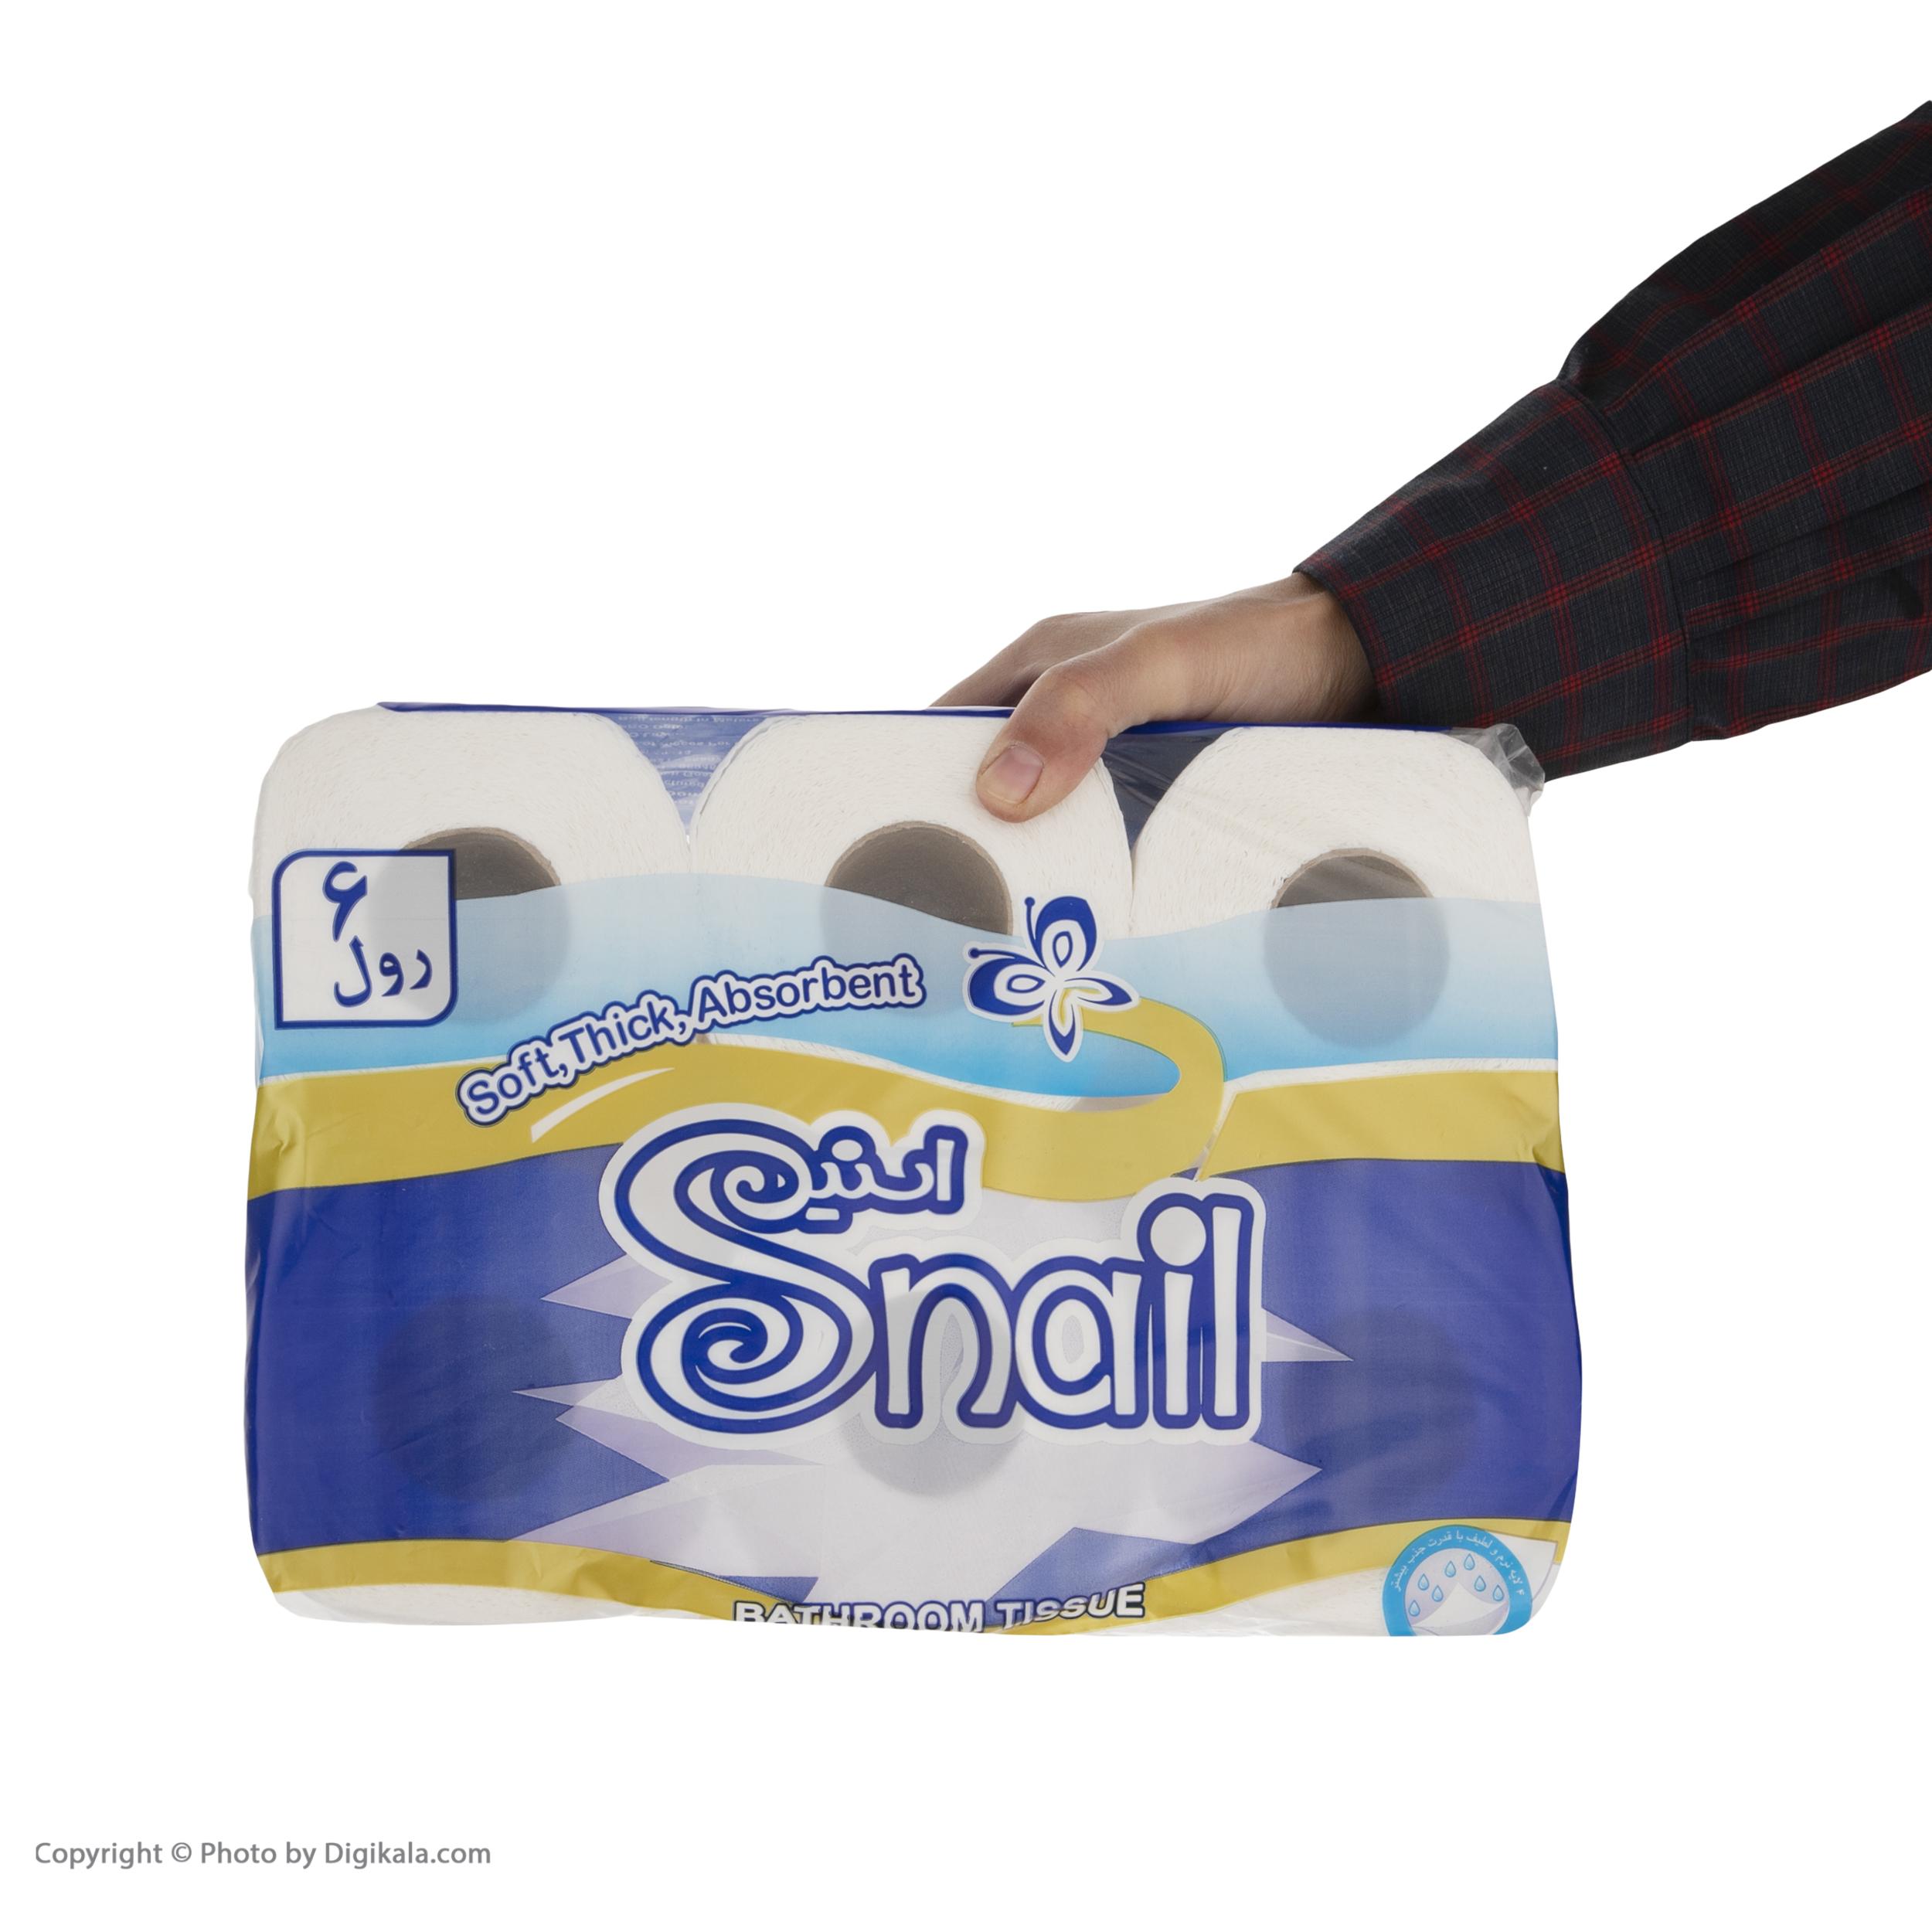 دستمال توالت اسنیل کد 01  بسته 6 عددی   main 1 3